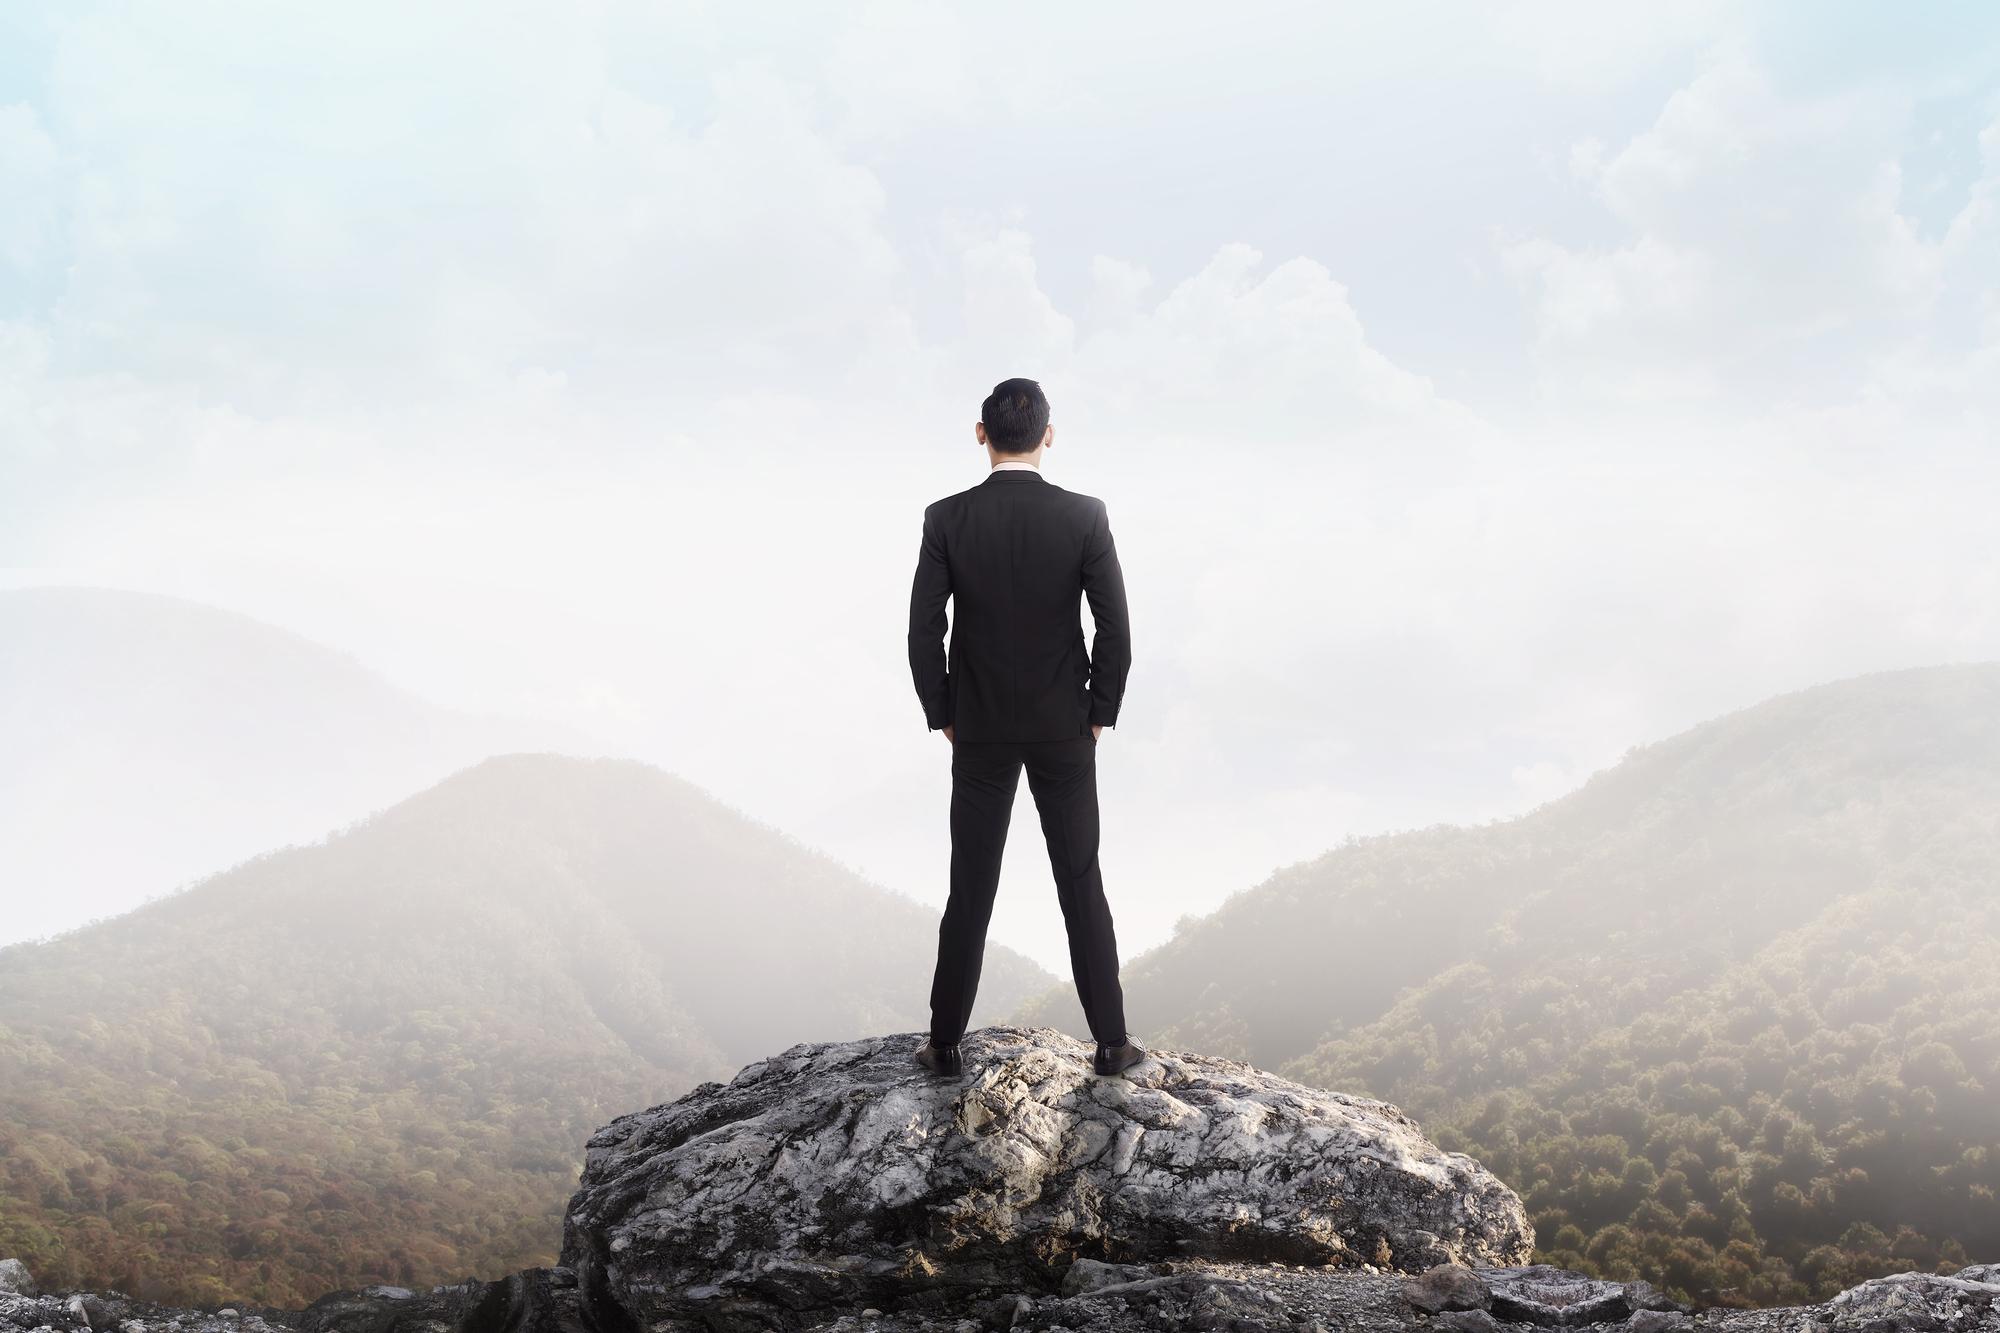 10 consejos de emprendedores con éxito que te ayudarán en tu camino - Emprenomic